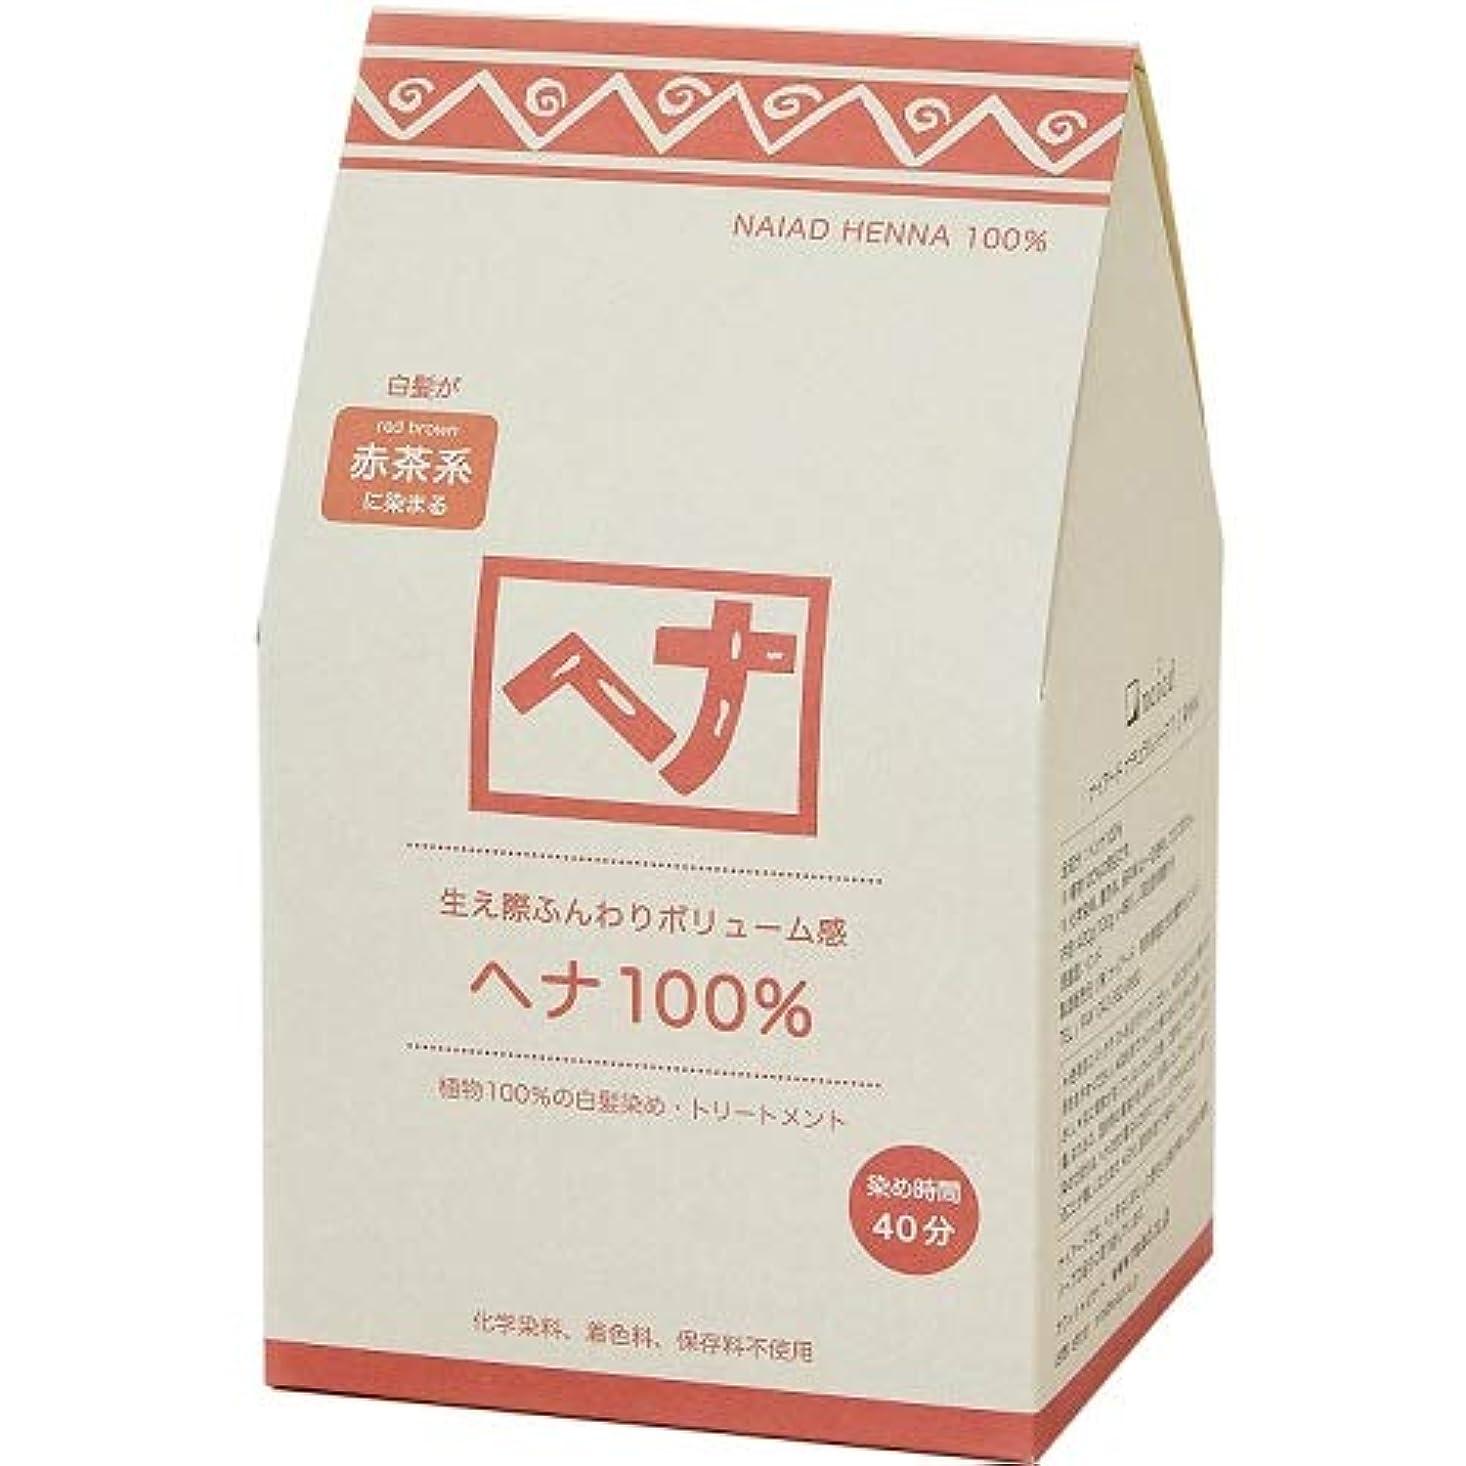 ズボン神聖不器用Naiad(ナイアード) ヘナ 100% 400g